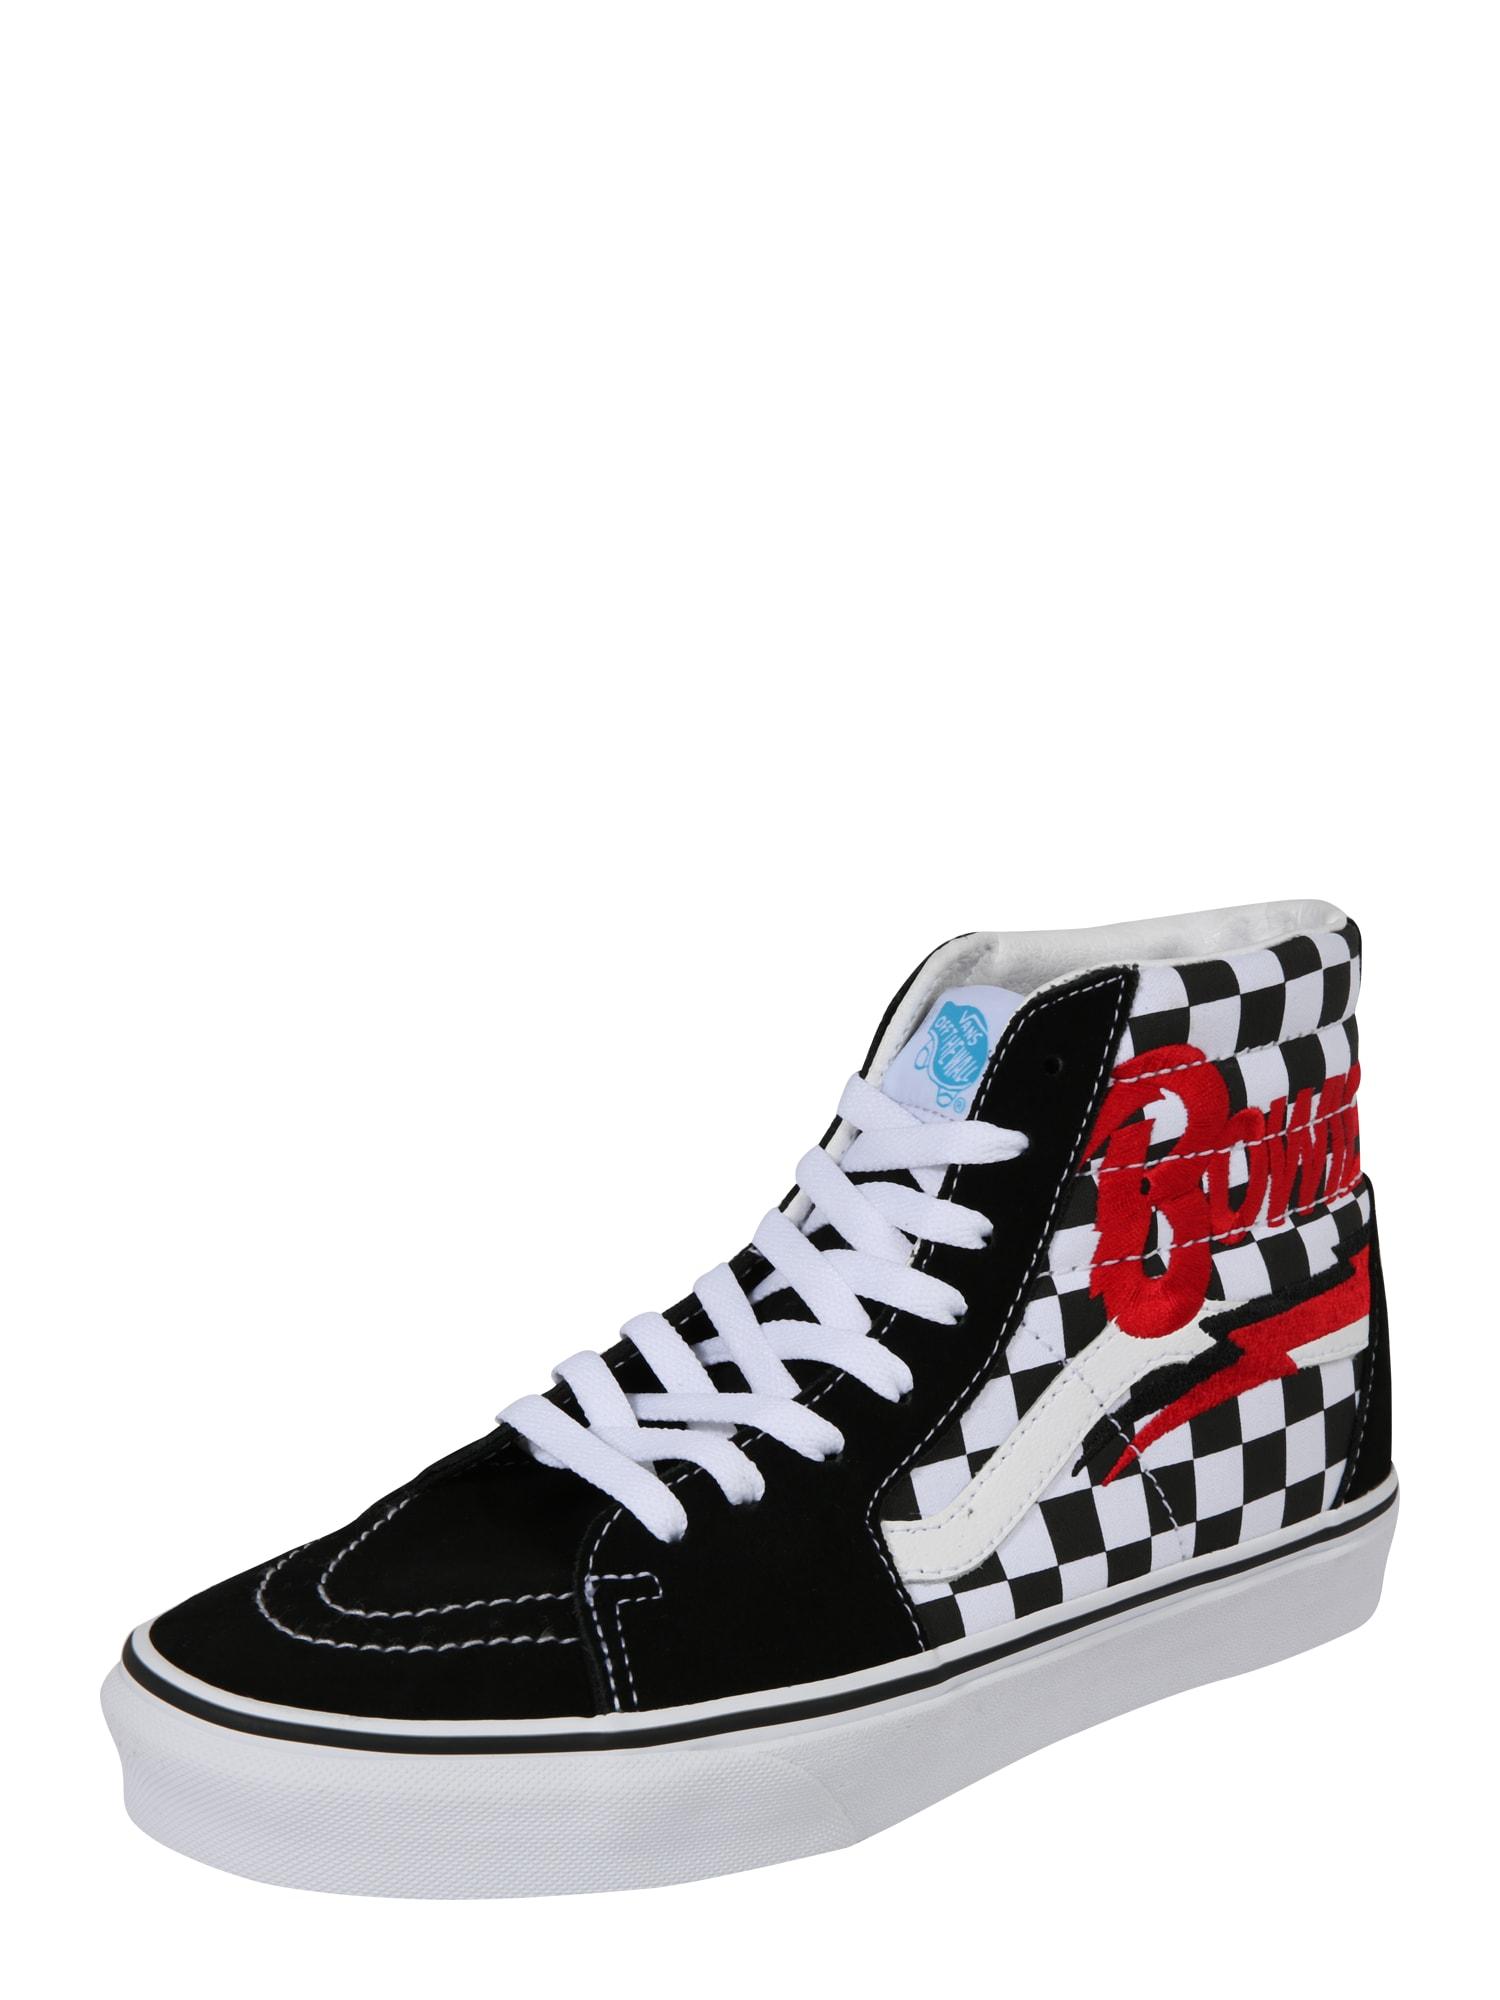 Kotníkové tenisky červená černá bílá VANS